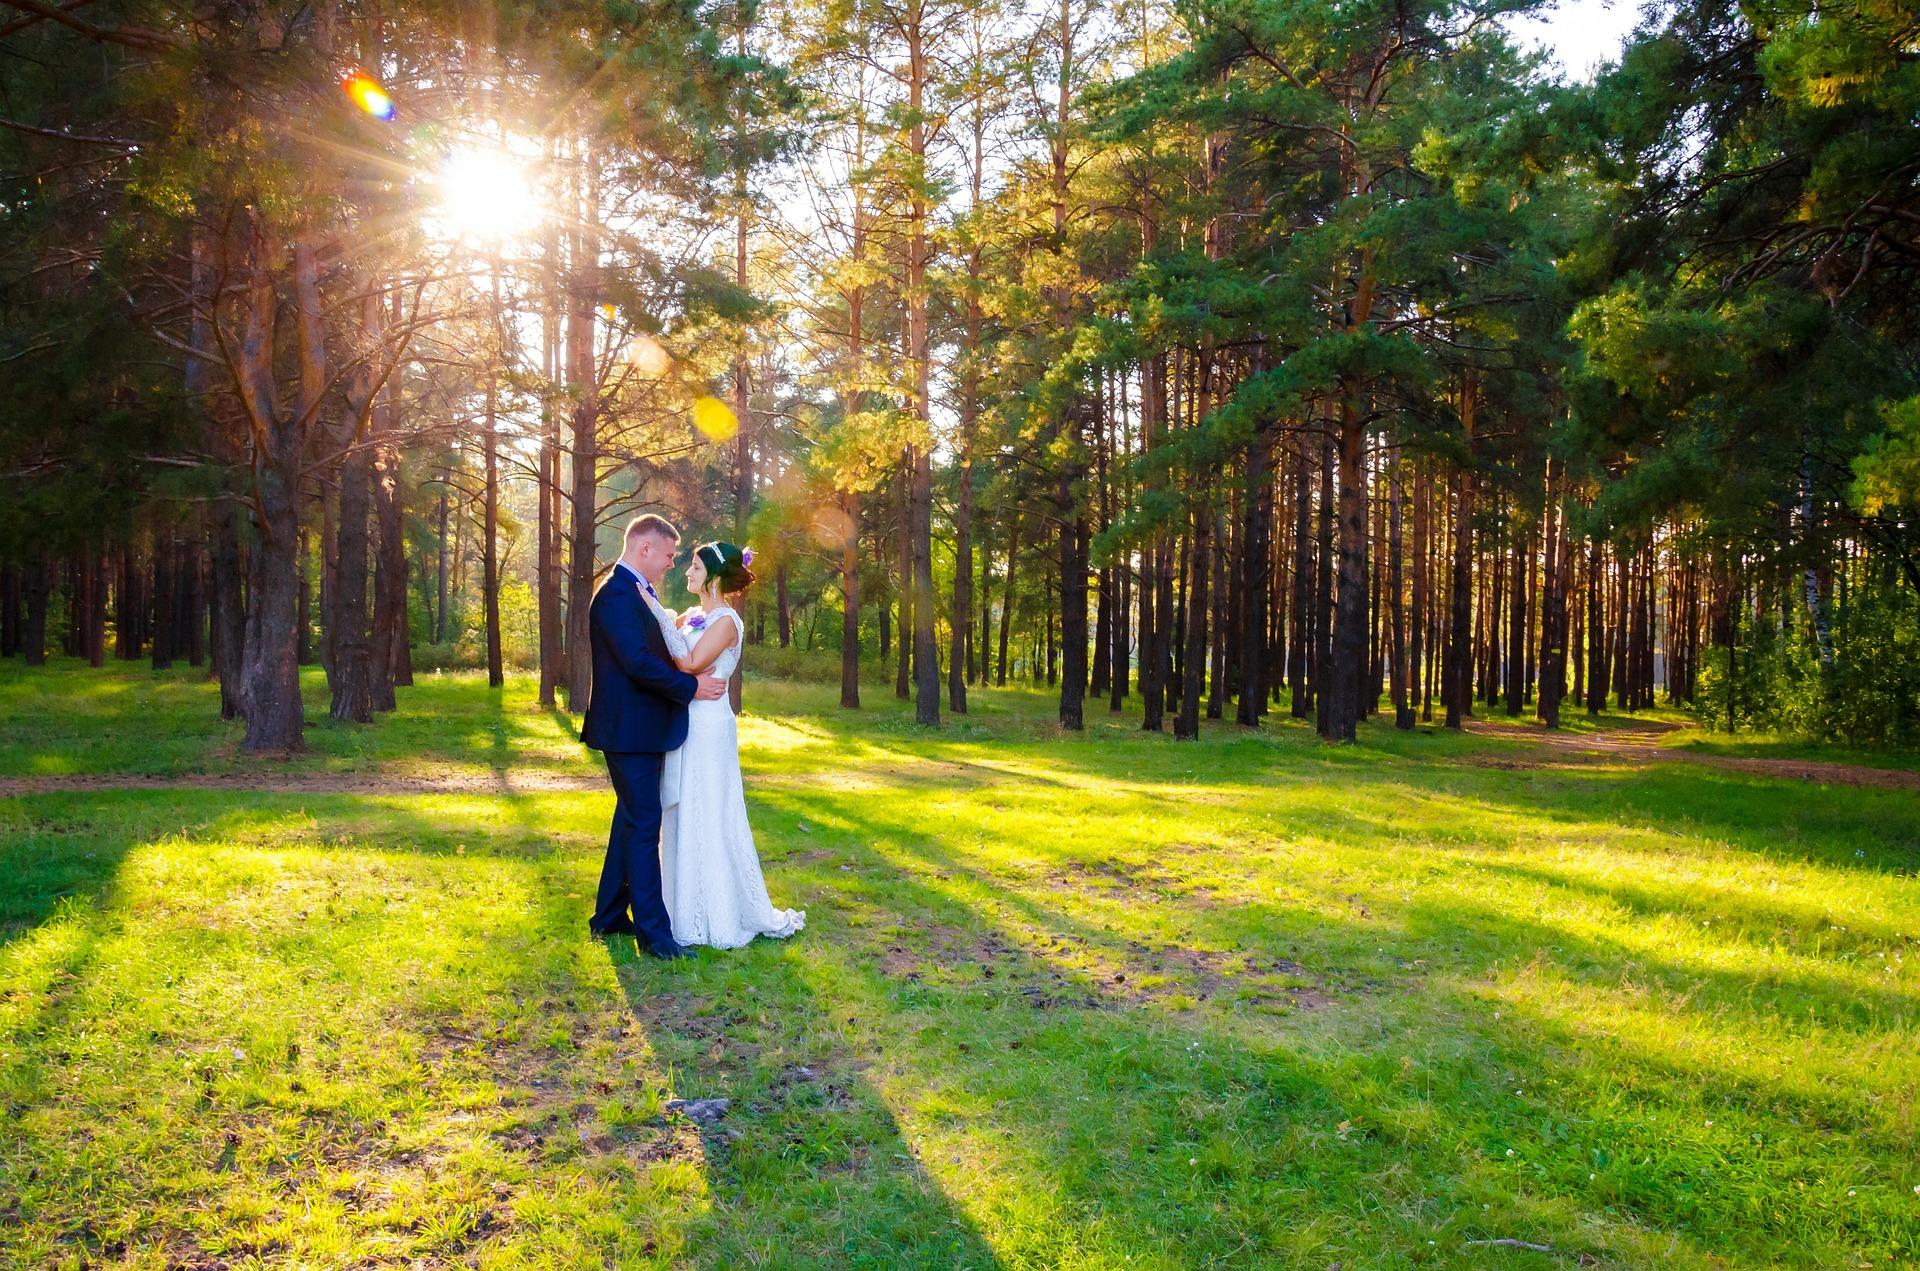 Kdy se vzít? Poradíme, jak vybrat termín svatby